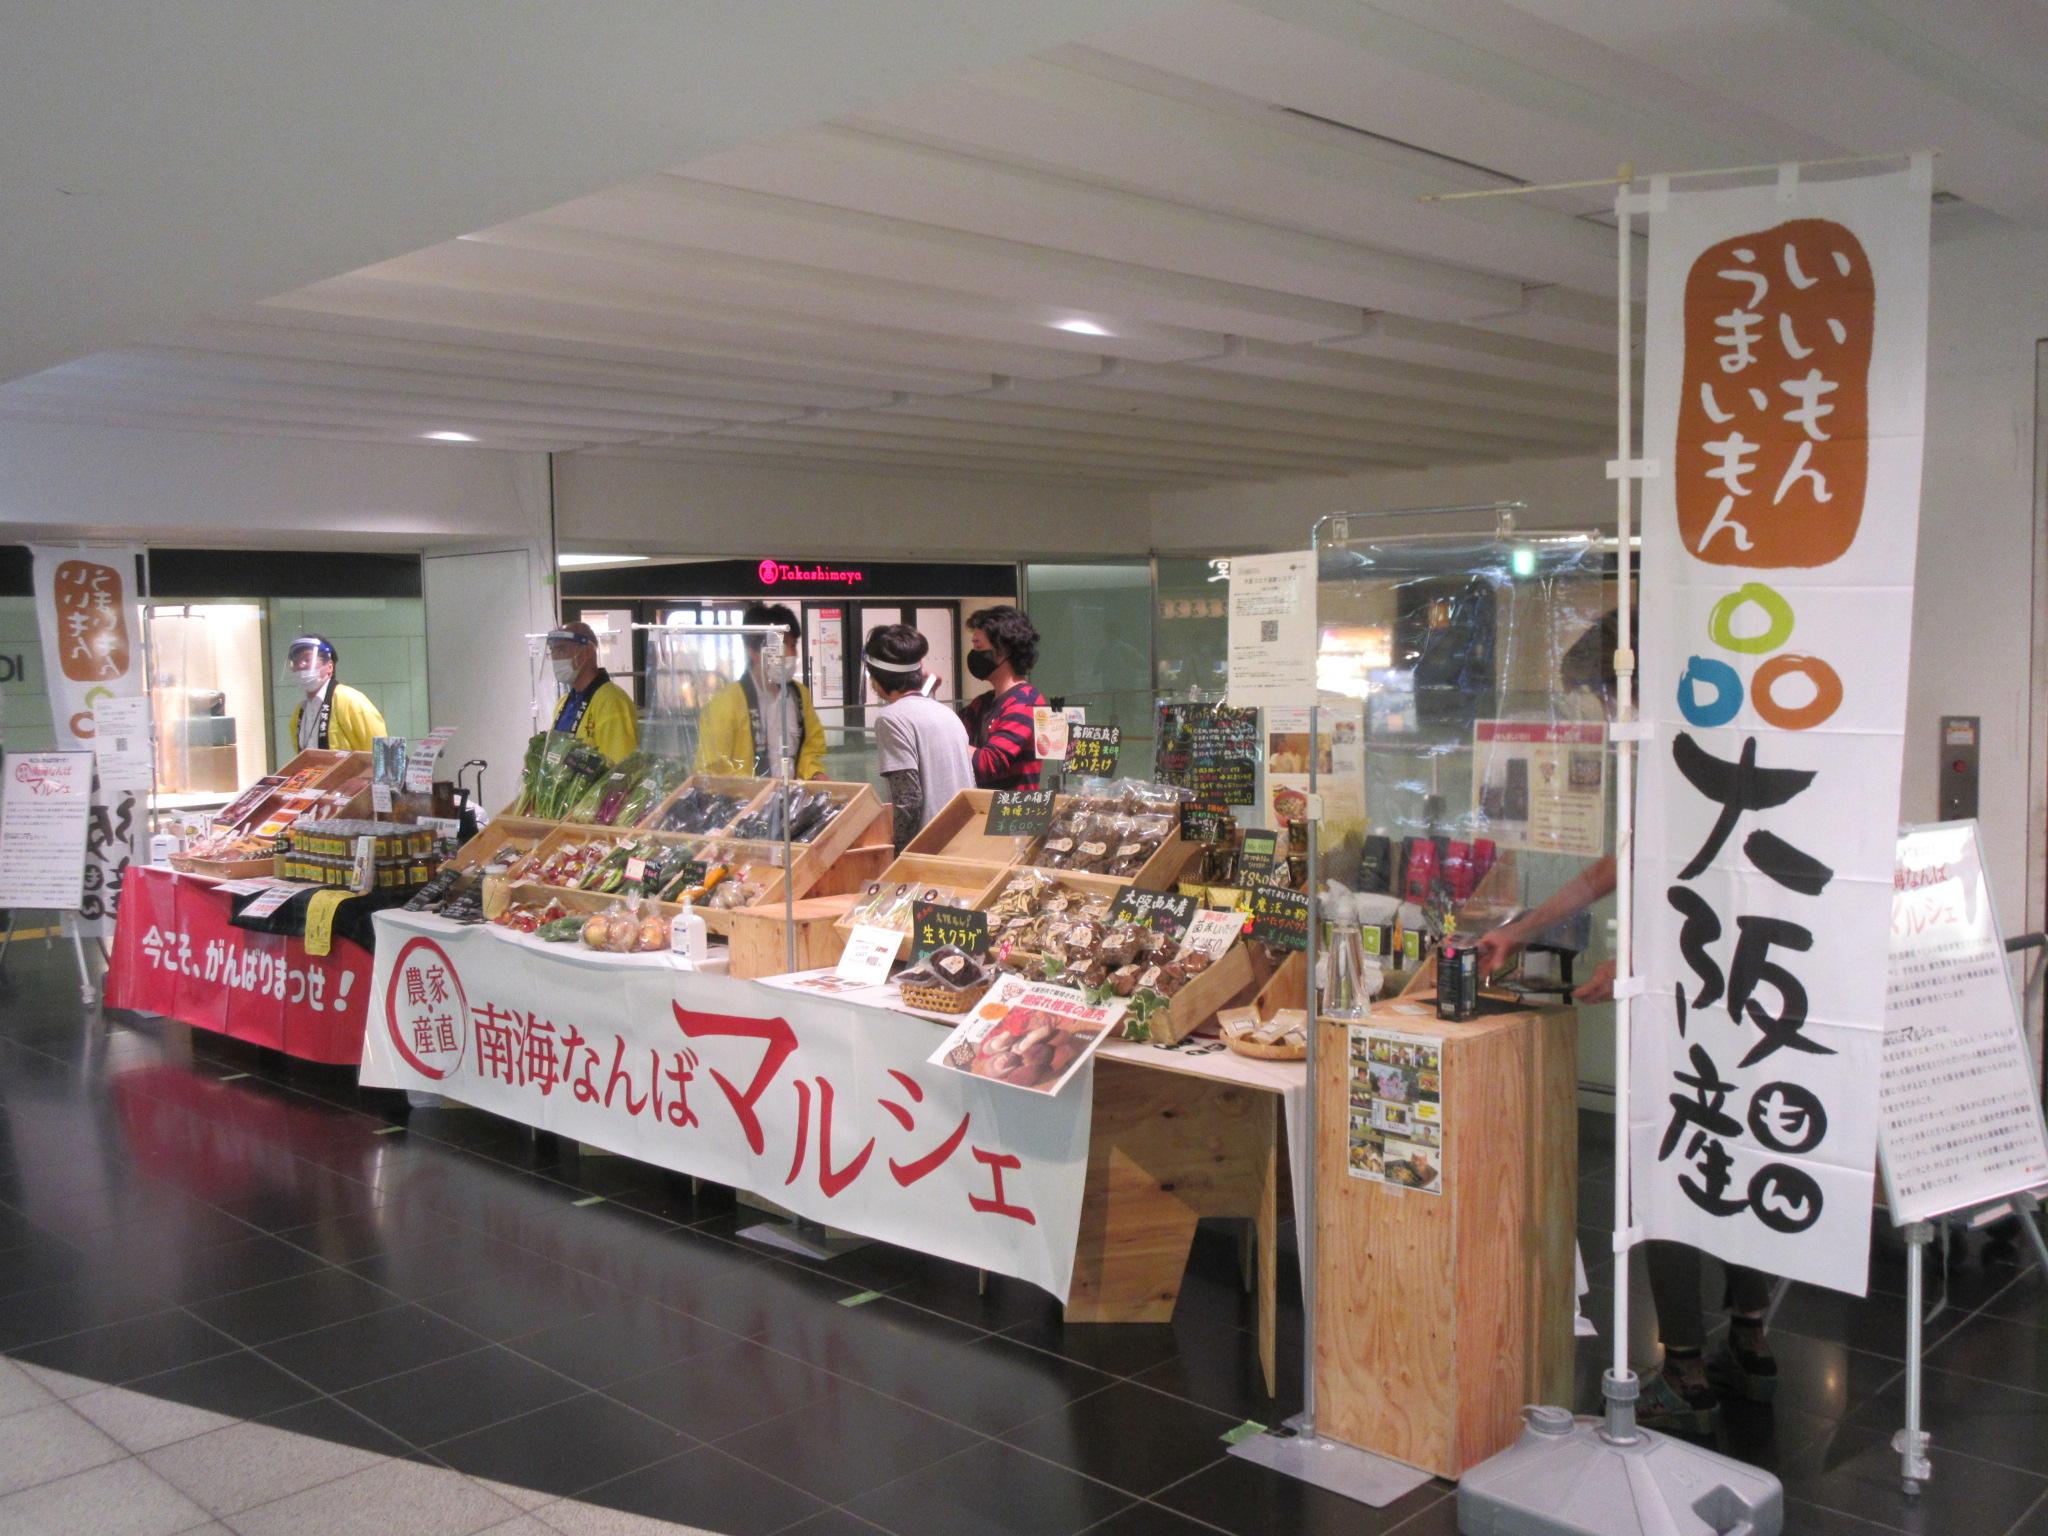 農家応援マルシェ開催 大阪府大阪市